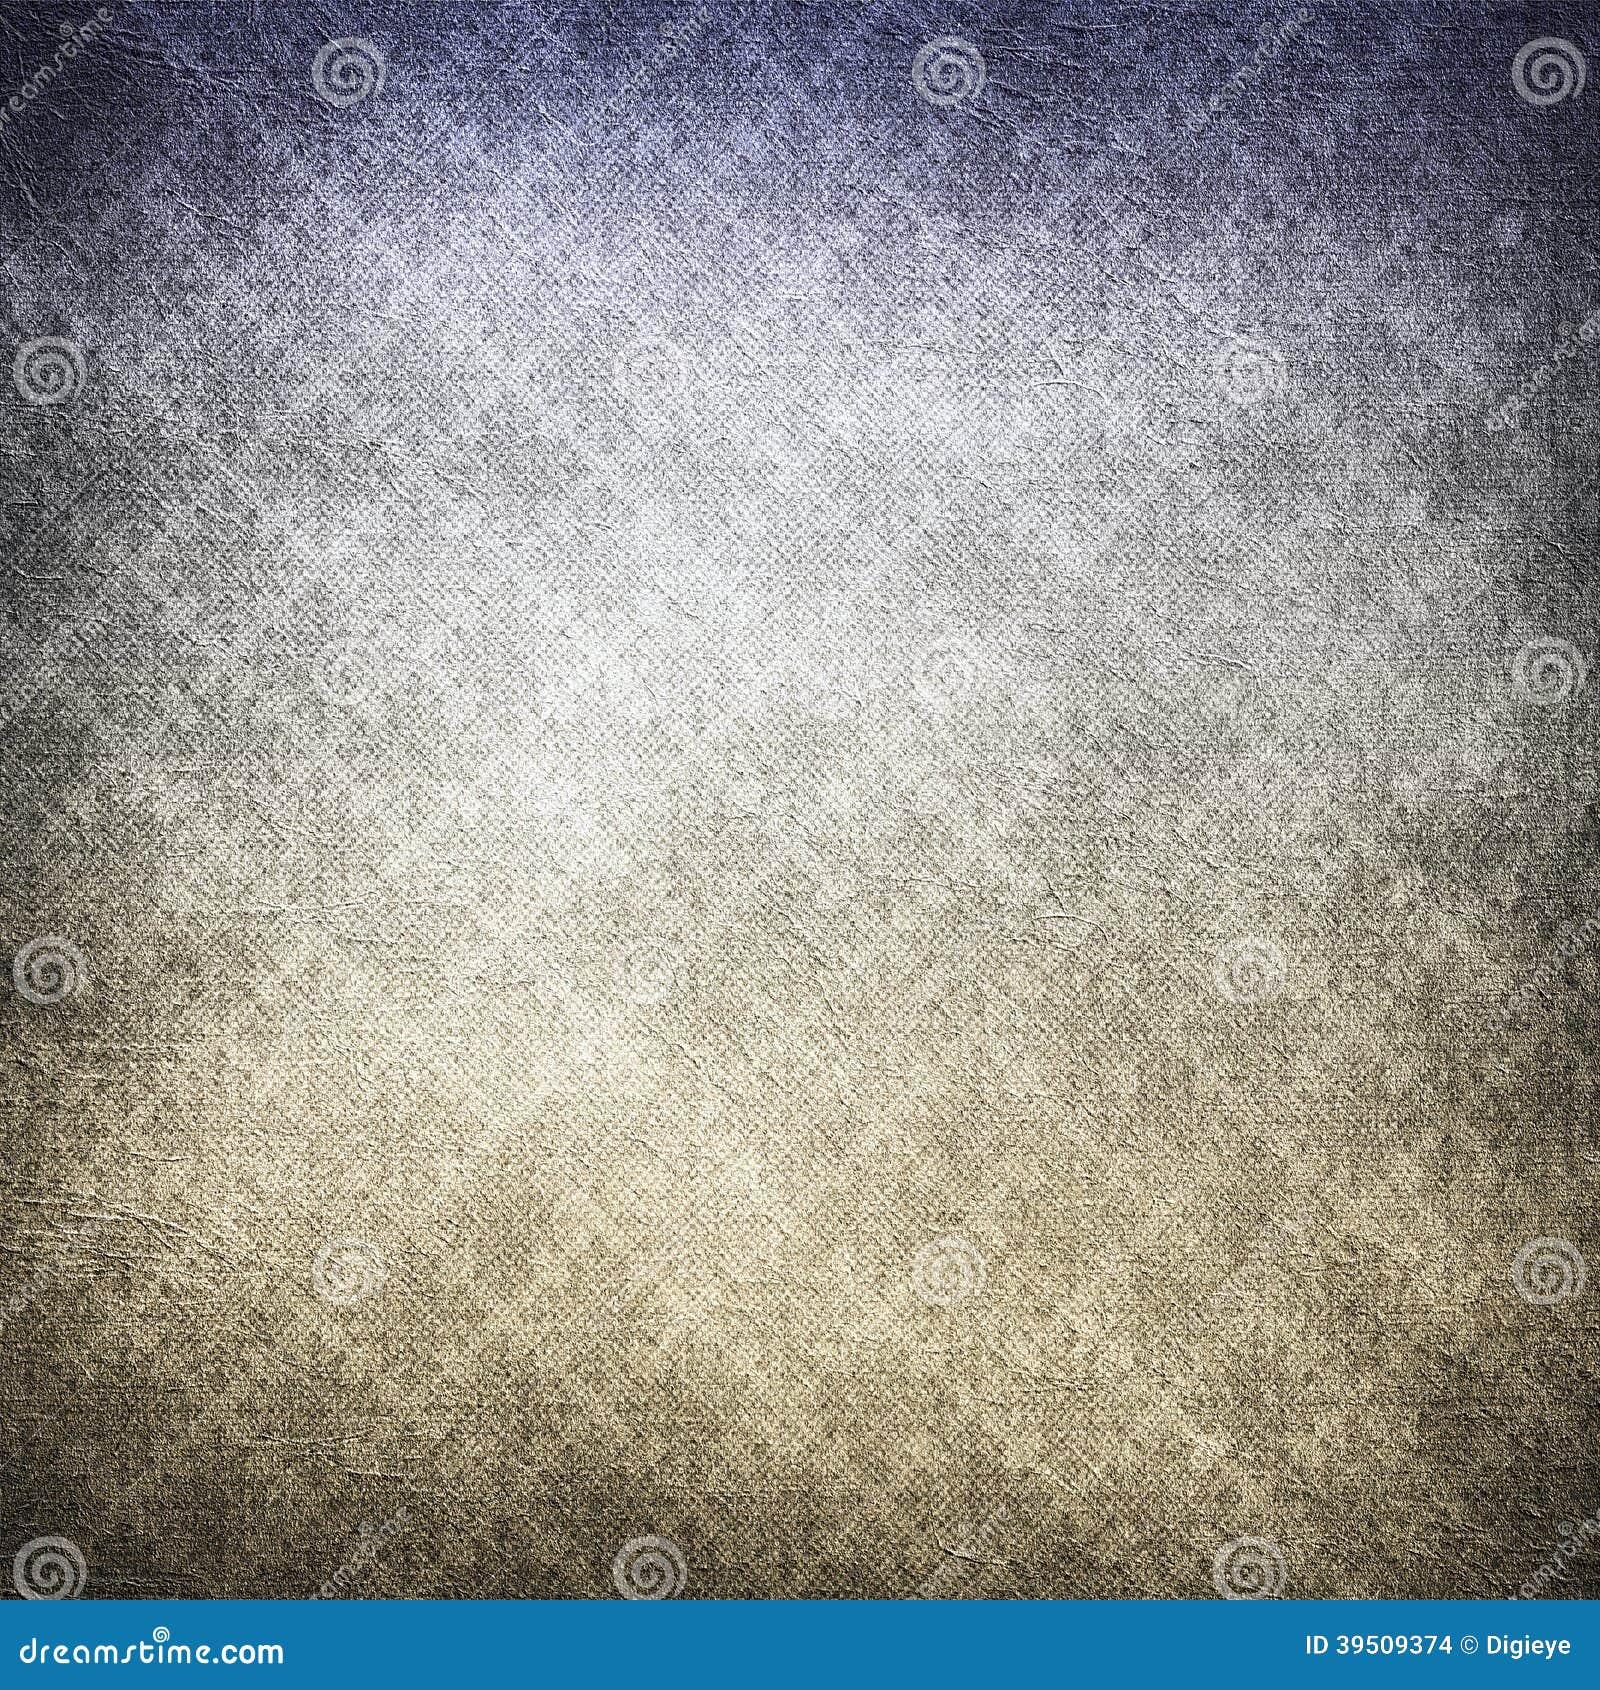 Grunge wallpaper background